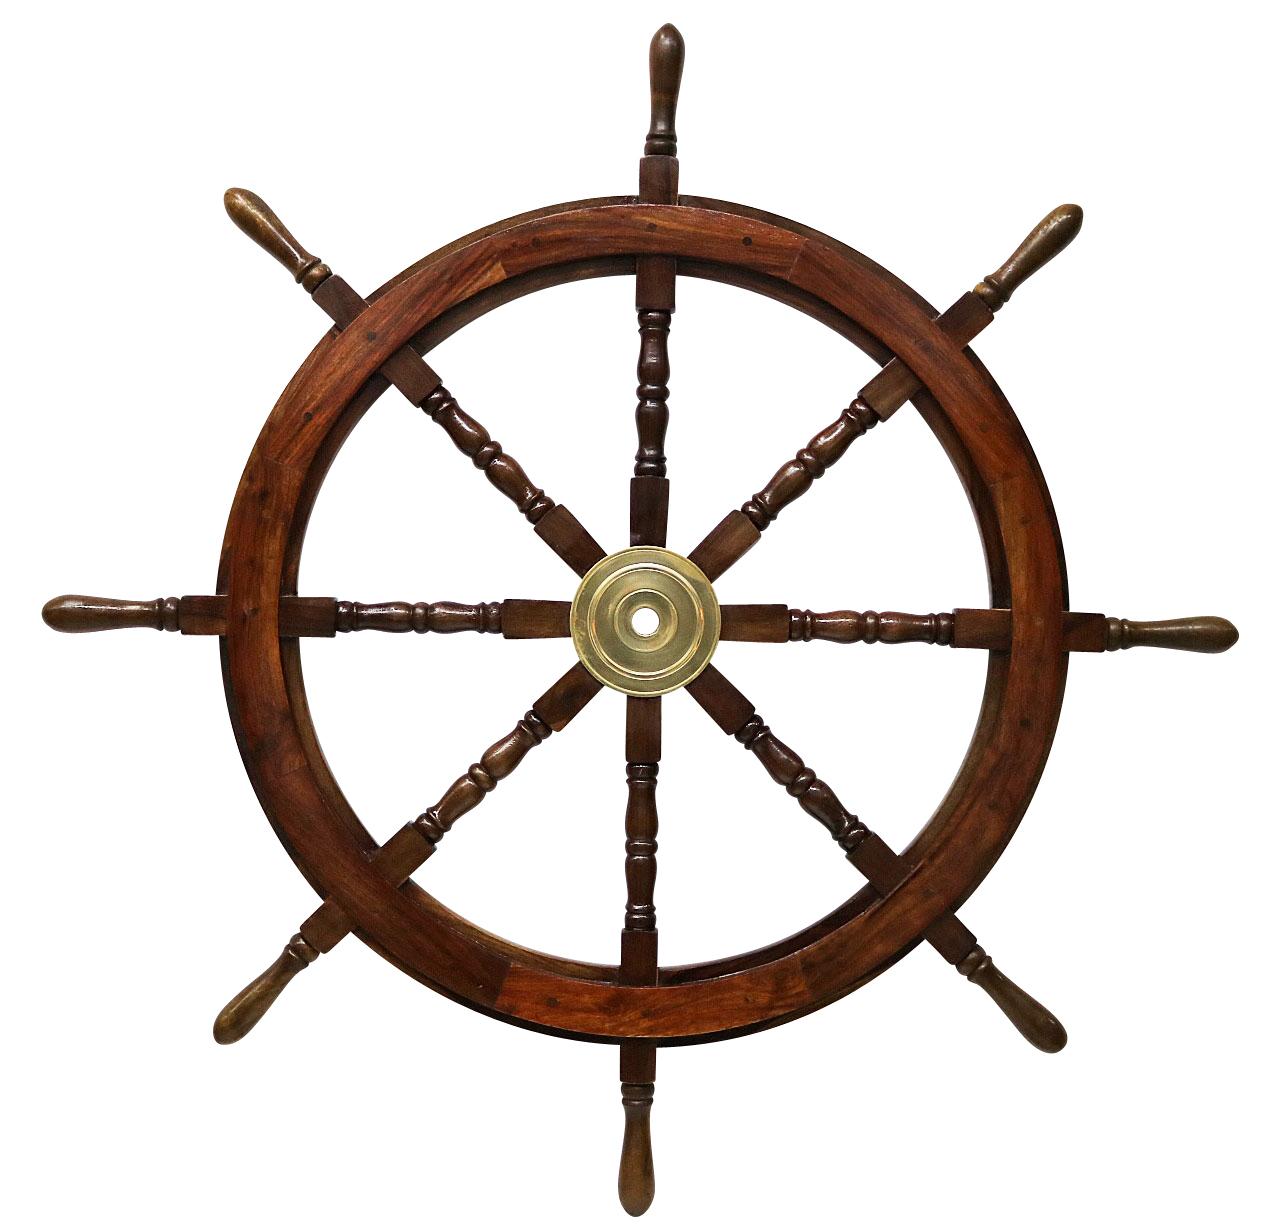 schiffssteuerrad 106cm schiffsrad steuerrad schiff schiffe boot holz antik stil ebay. Black Bedroom Furniture Sets. Home Design Ideas